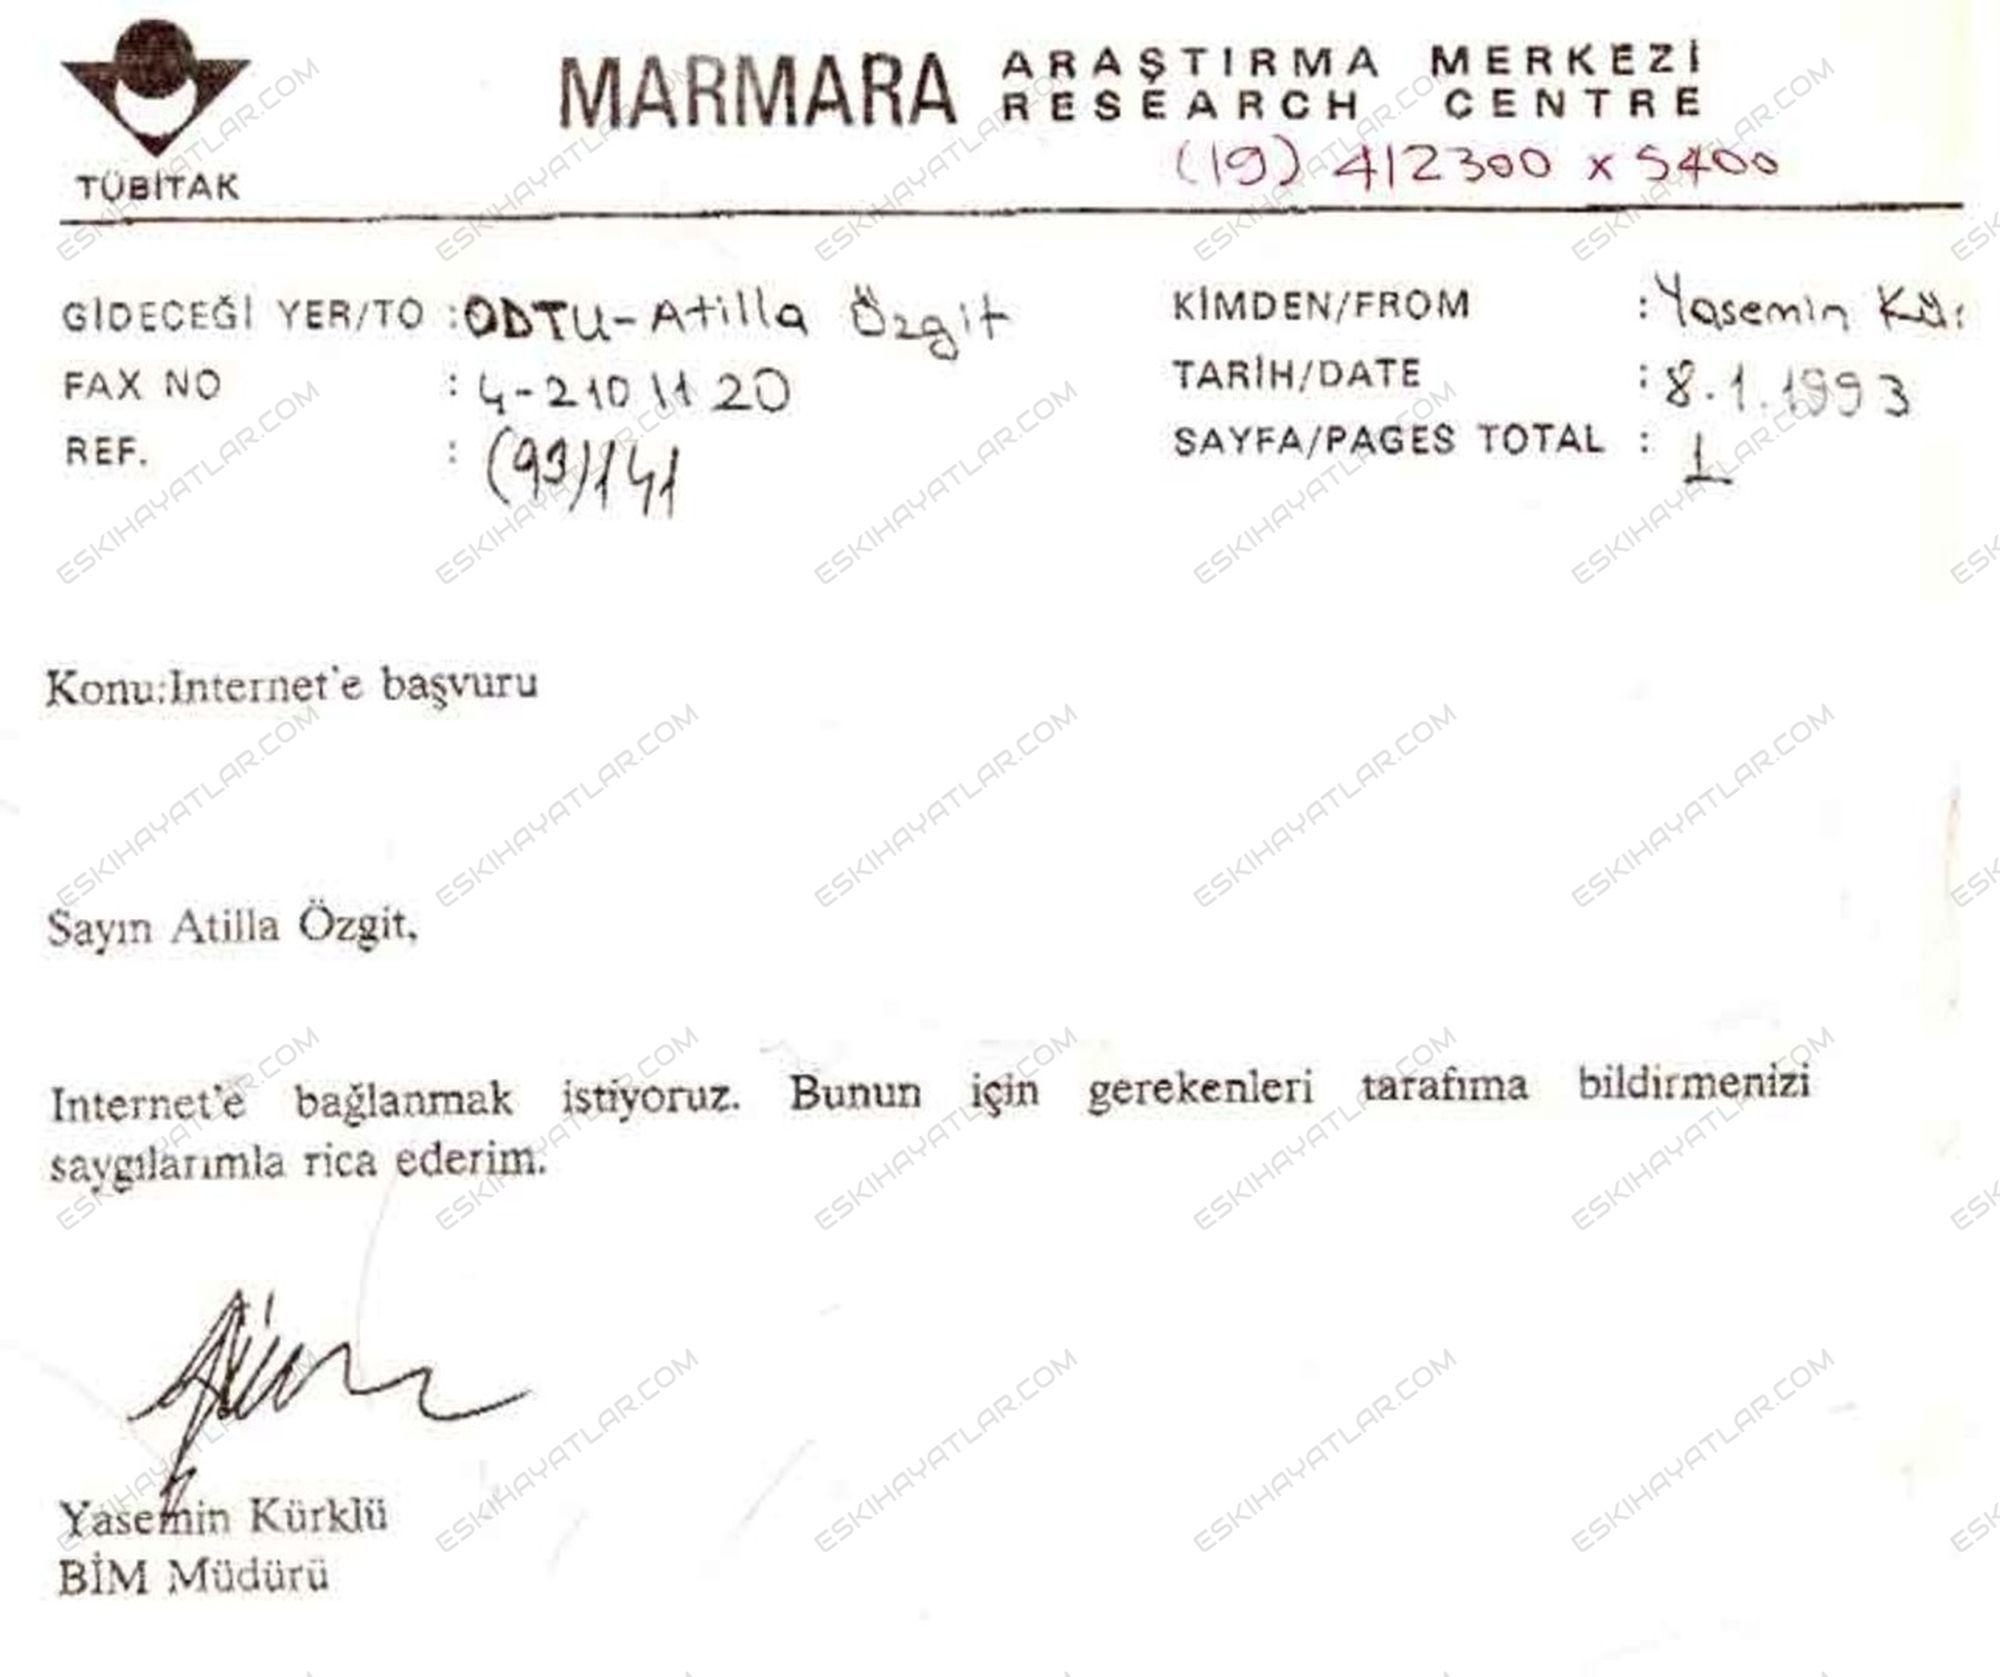 internet-ulkemize-ne-zaman-geldi-turkiyede-internet-25-yasinda (28)